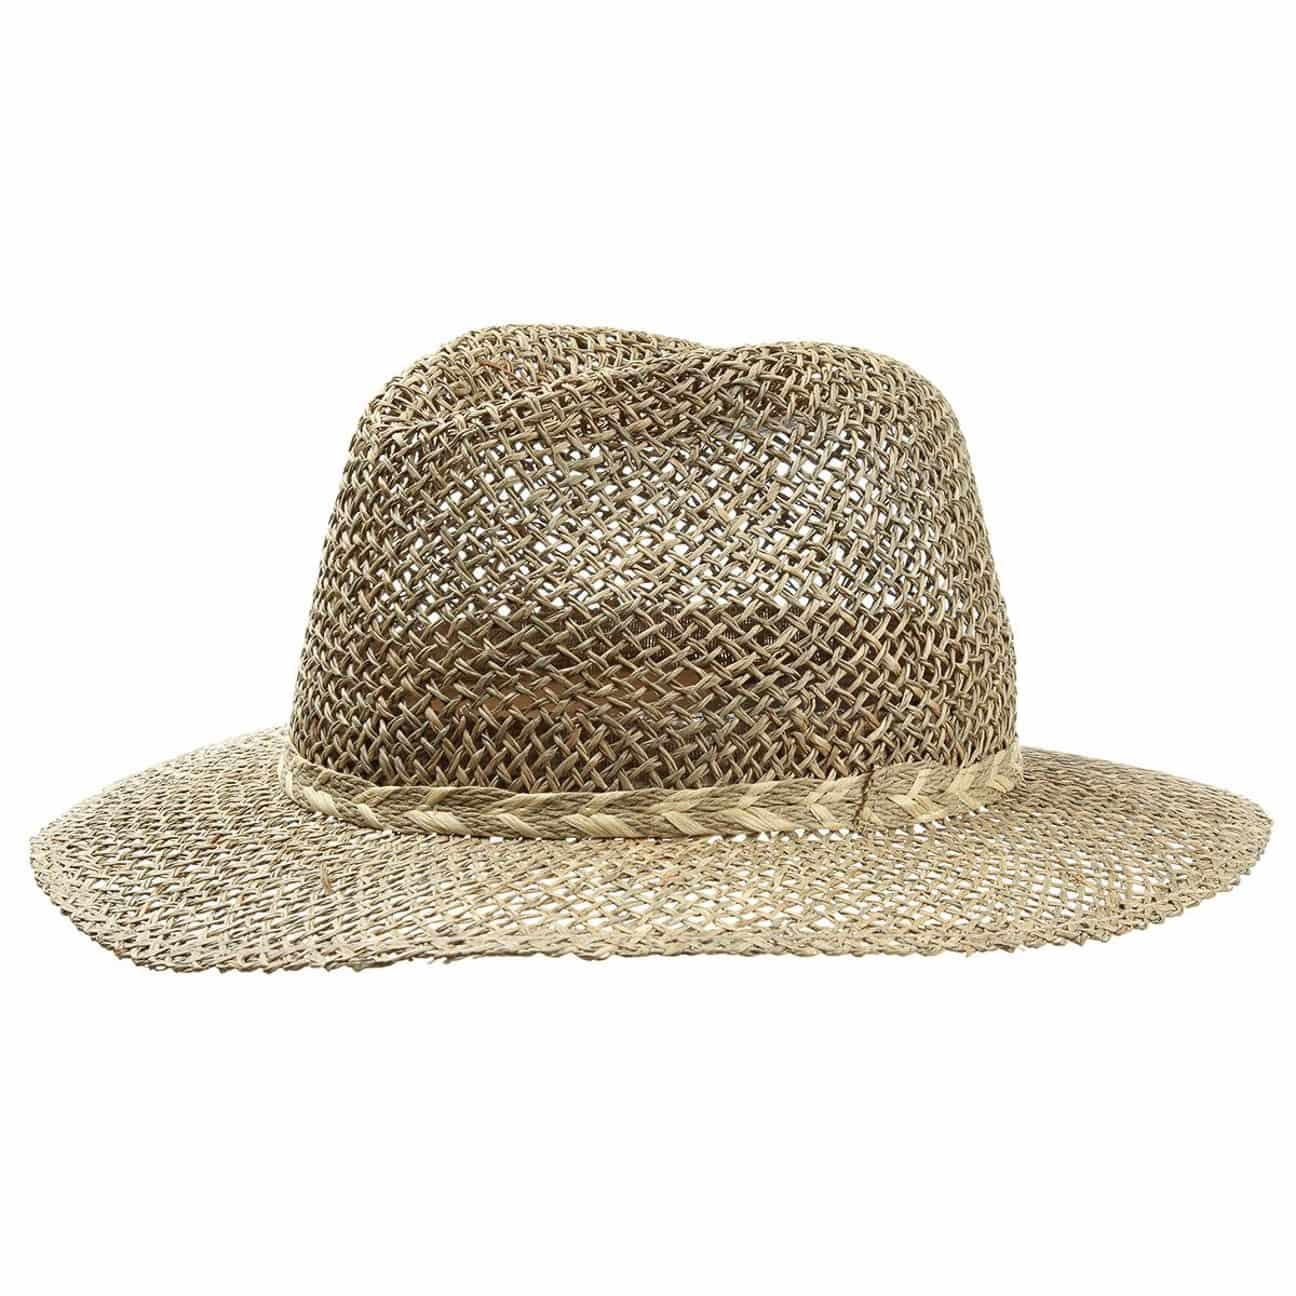 chapeau de paille crin v g tal pour homme 19 95. Black Bedroom Furniture Sets. Home Design Ideas